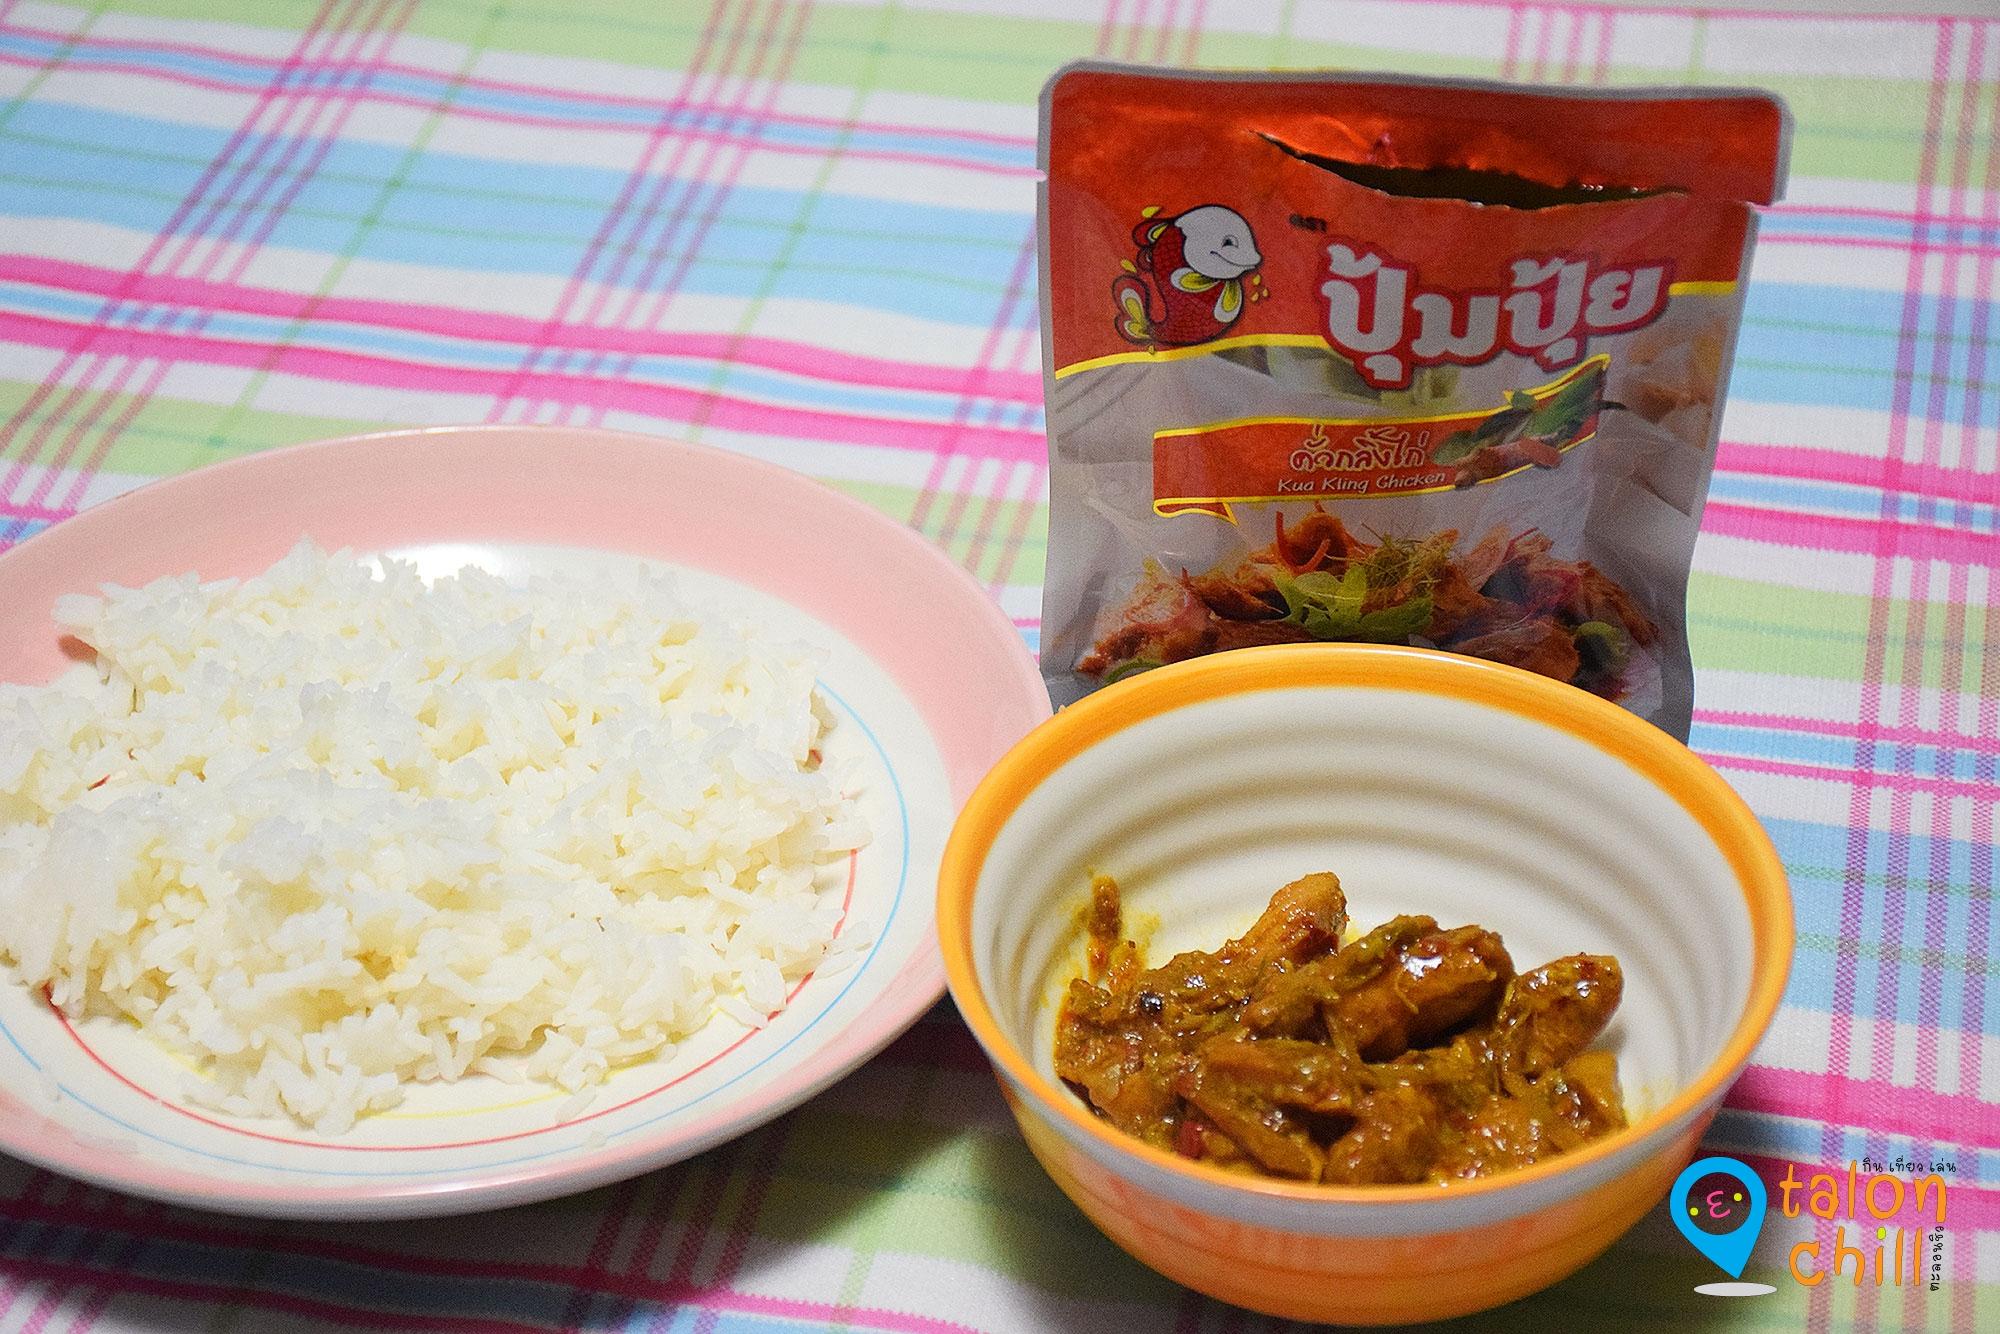 [แกะซองรีวิว] อาหารสำเร็จรูปอาหารพร้อมทาน อร่อยที่รอยยิ้ม ตราปุ้มปุ้ย